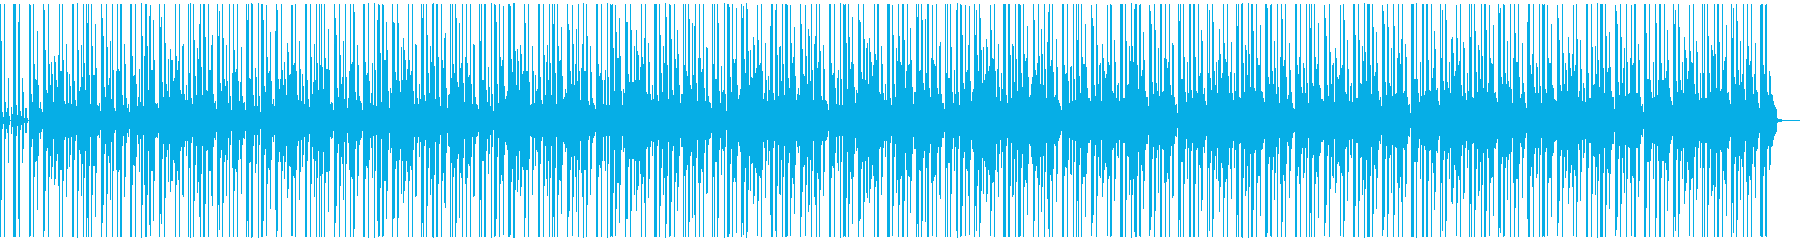 (生音)極上ピアノの切ないビートの再生済みの波形